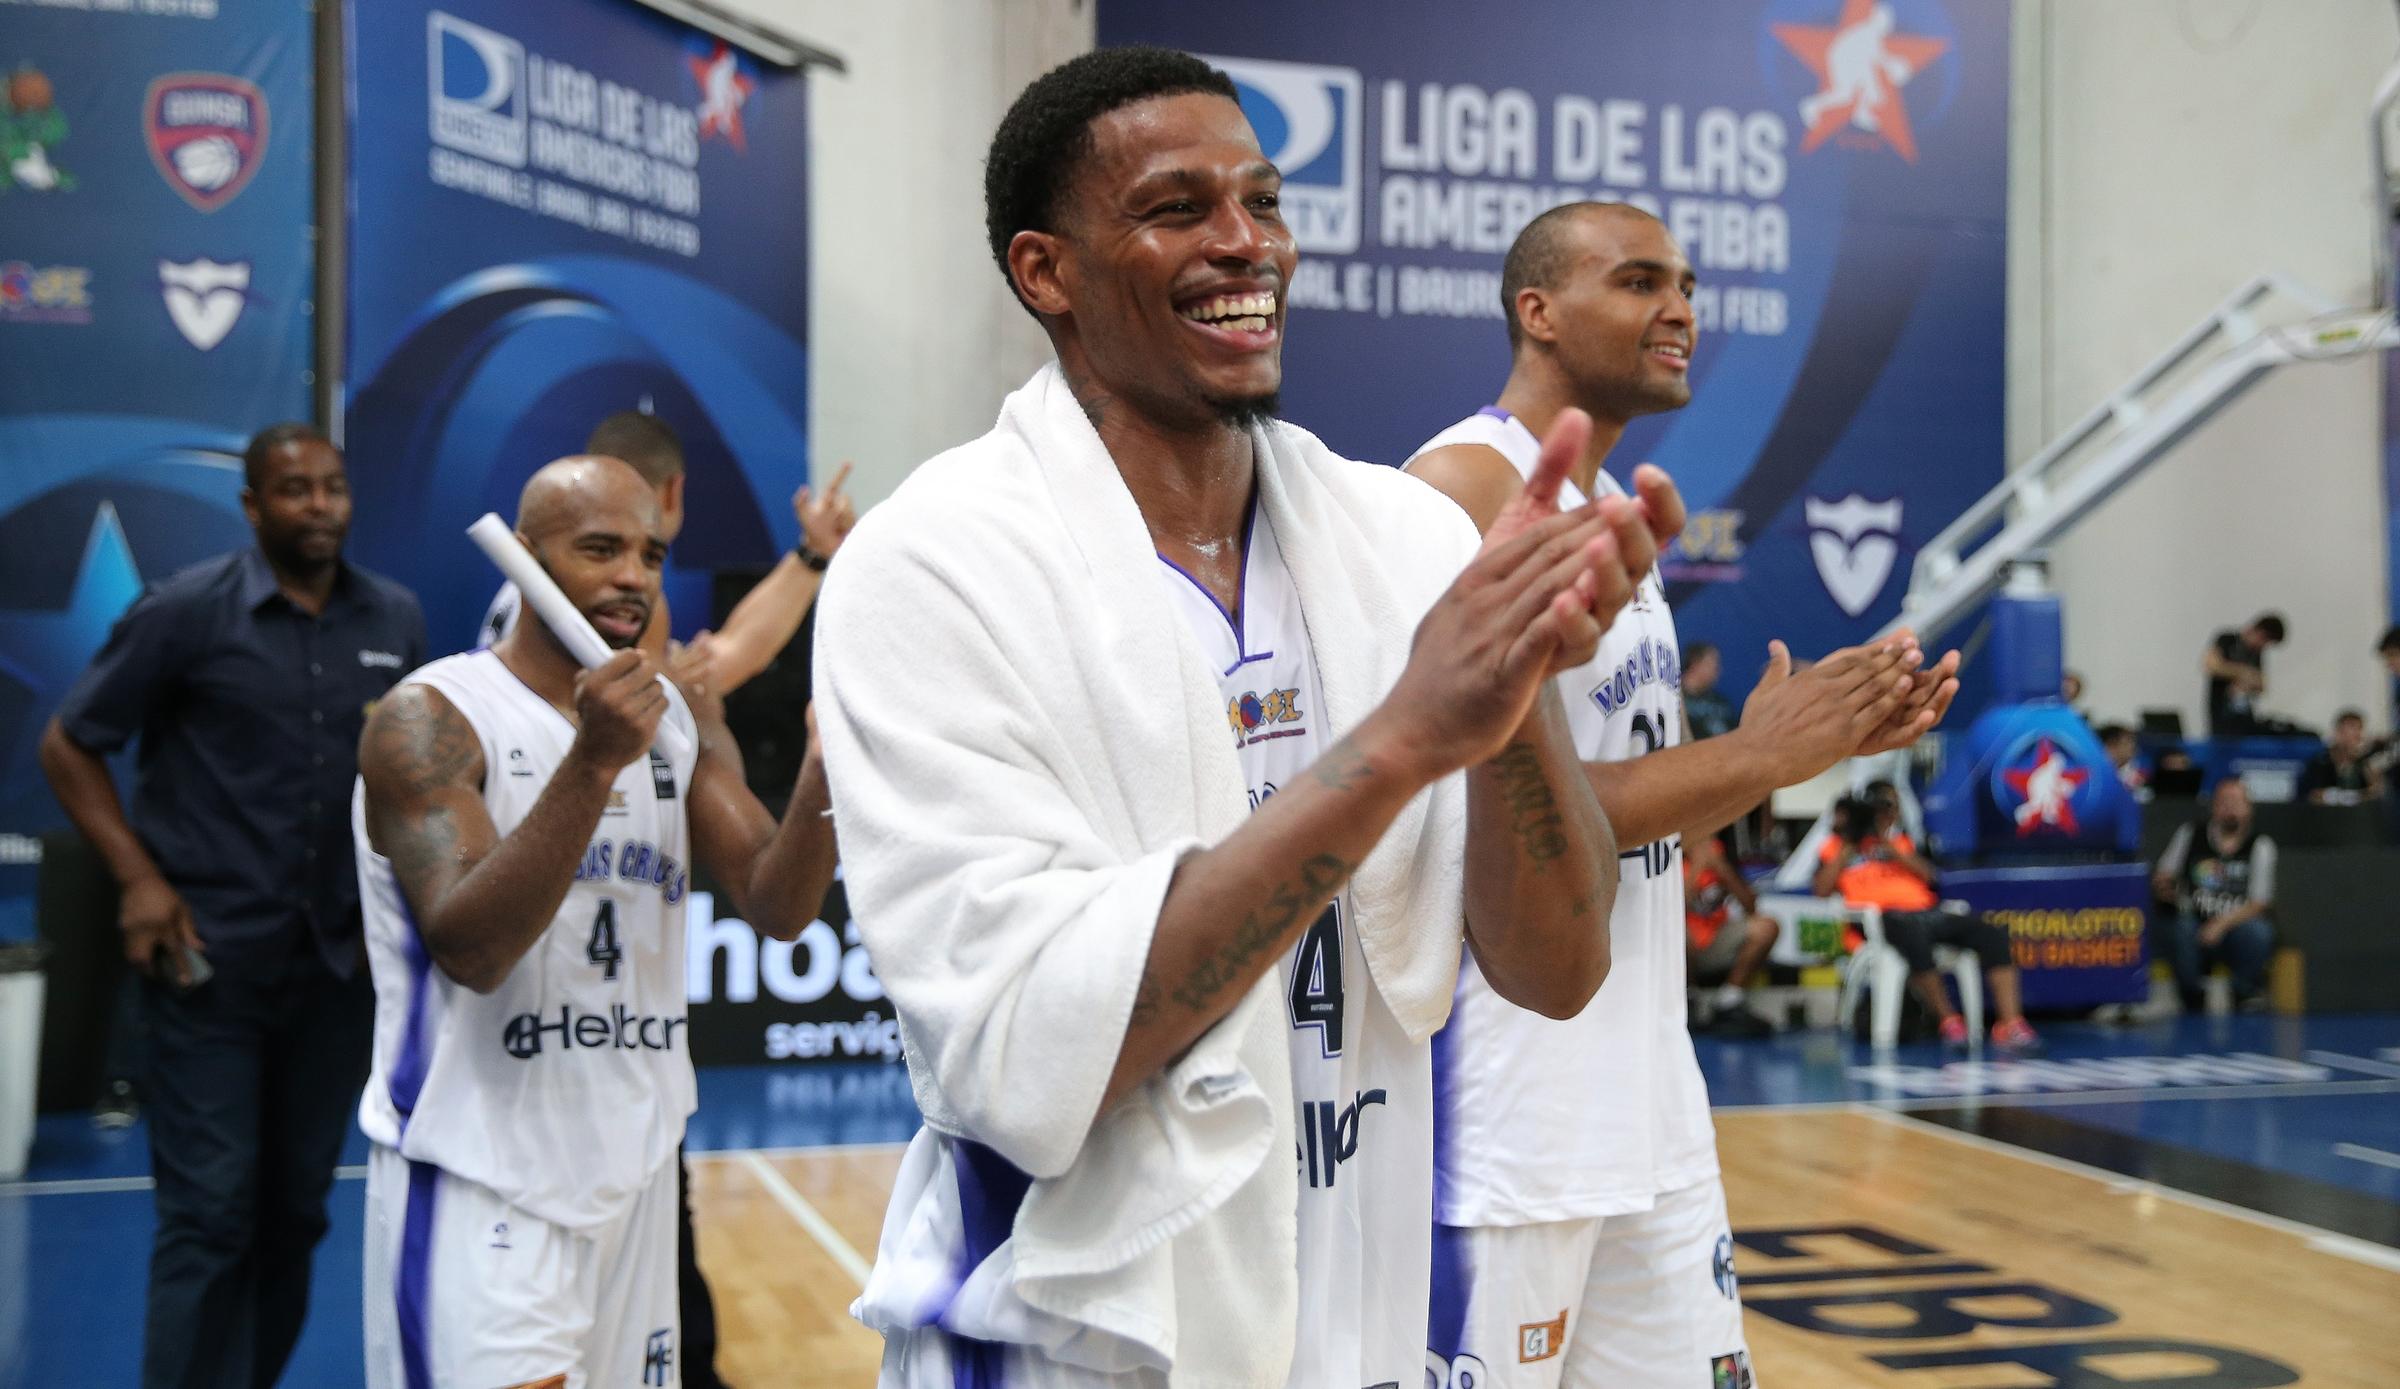 Mogi é o primeiro classificado ao Final Four da Liga das Américas 2016 (Jose Jimenez Tirado/FIBA Américas)